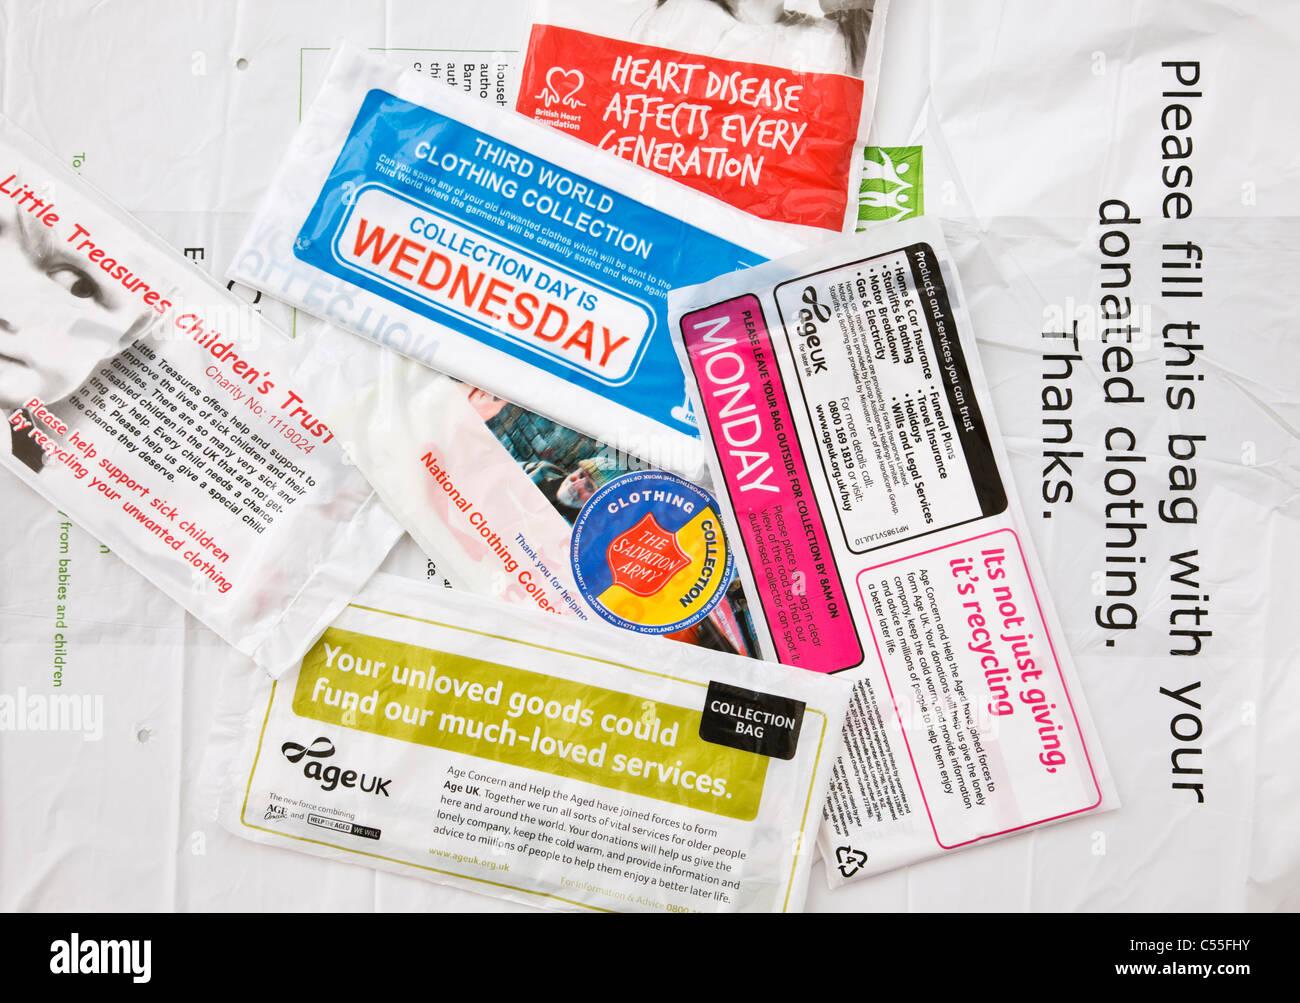 Charity Kollektion Taschen für die Spende von Kleidung zu verschiedenen Nächstenliebe. England Großbritannien, Stockbild